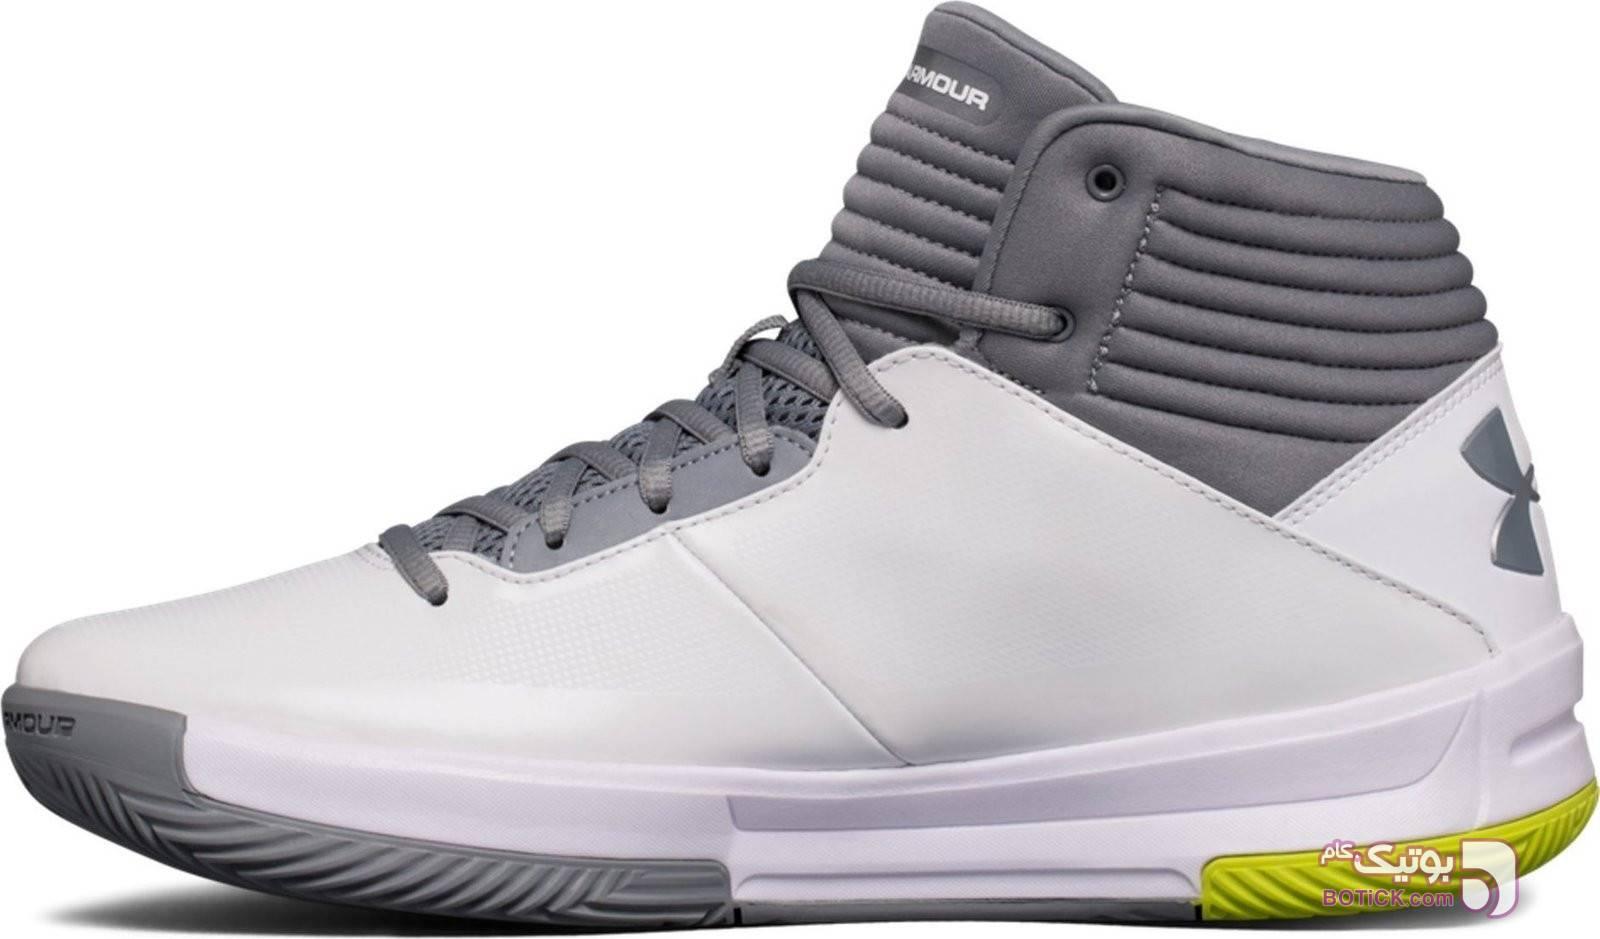 کفش و کتونی اسپرت مردانه آندر آرمور مدل Under Armour 1303265-100 سفید كتانی مردانه